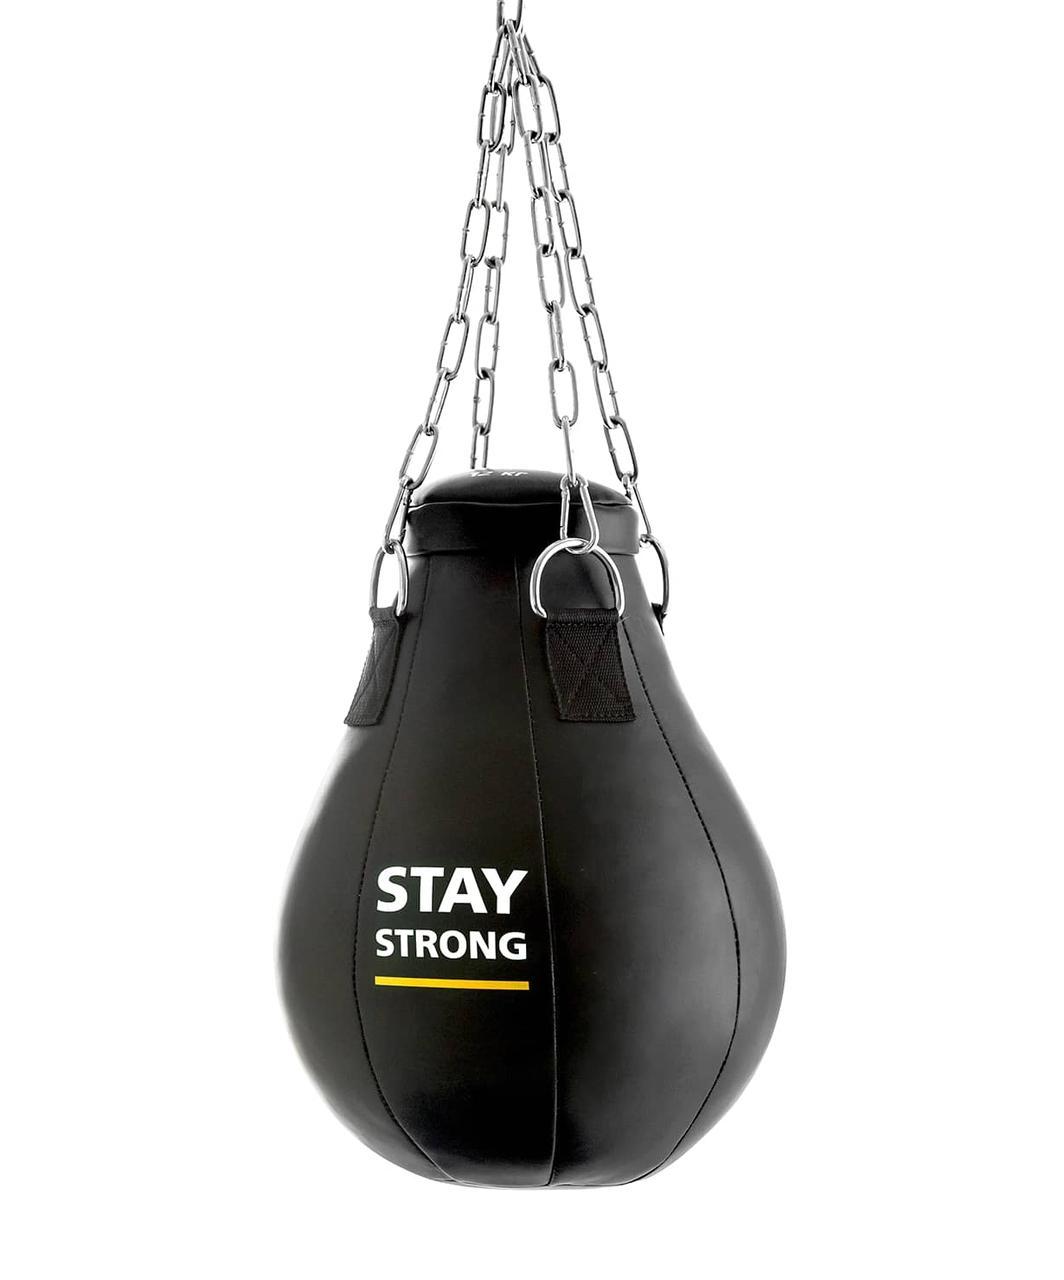 Груша боксерская E523, кожзам, 16 кг, черный Effort